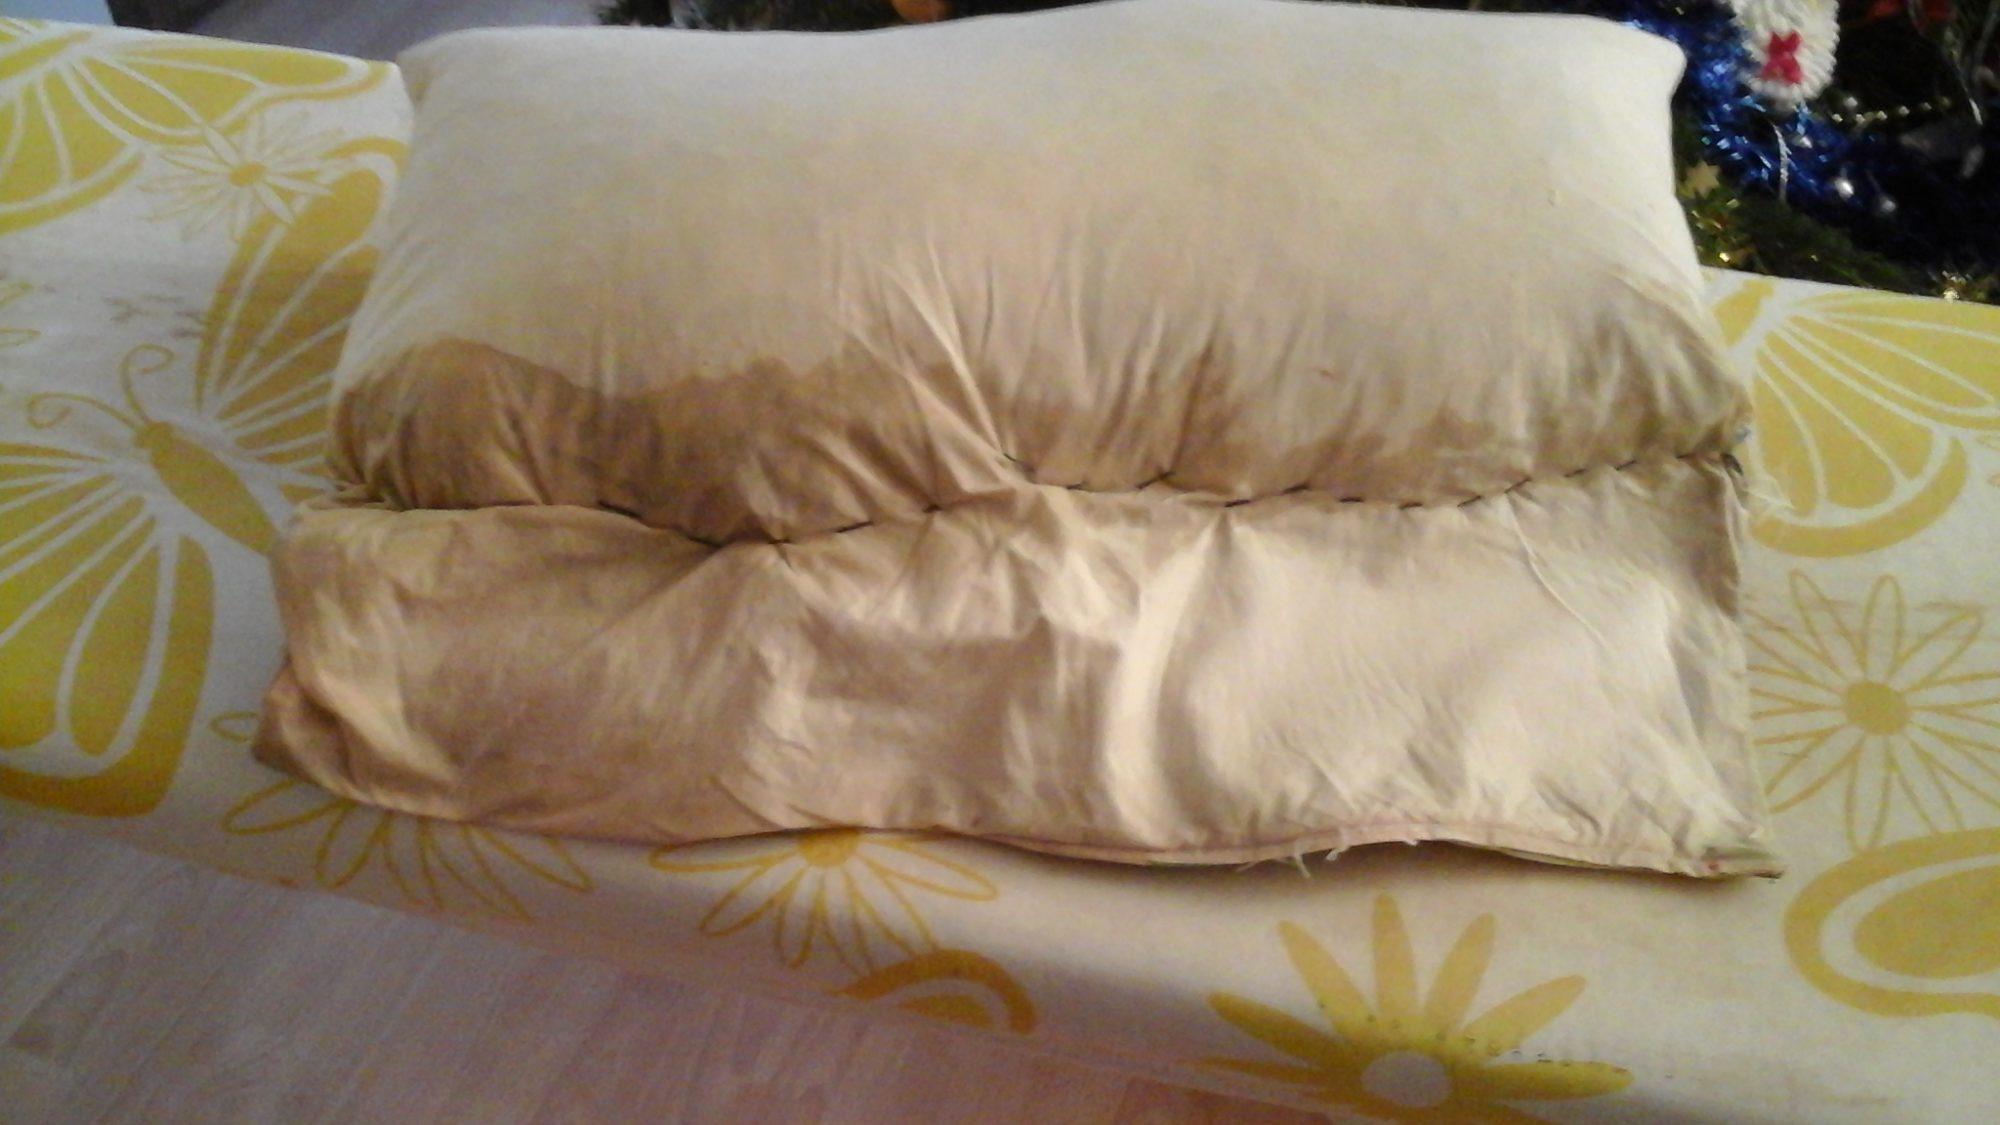 Перед стиркой необходимо зашить подушку в другой наволочке